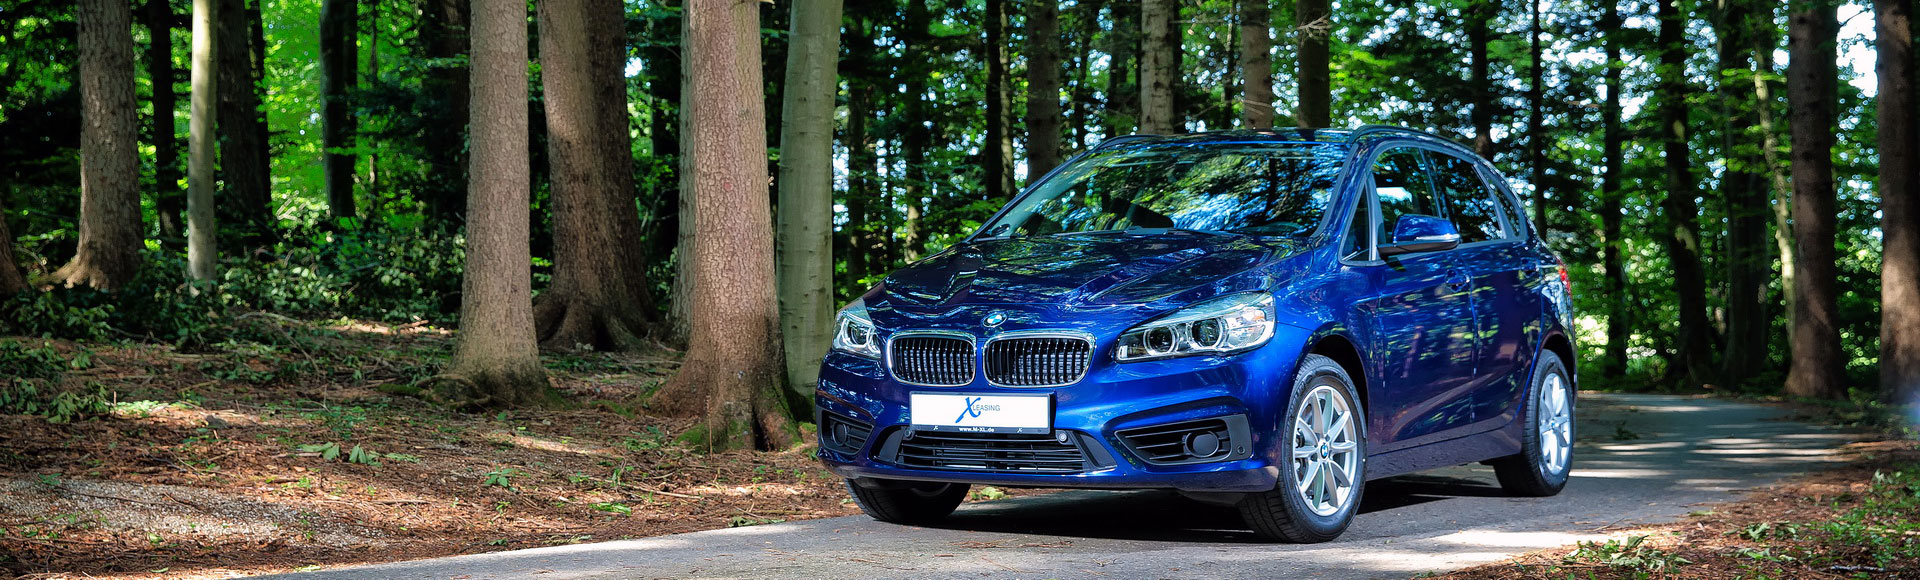 BMW 218i Active Tourer 2015 Sommer 019